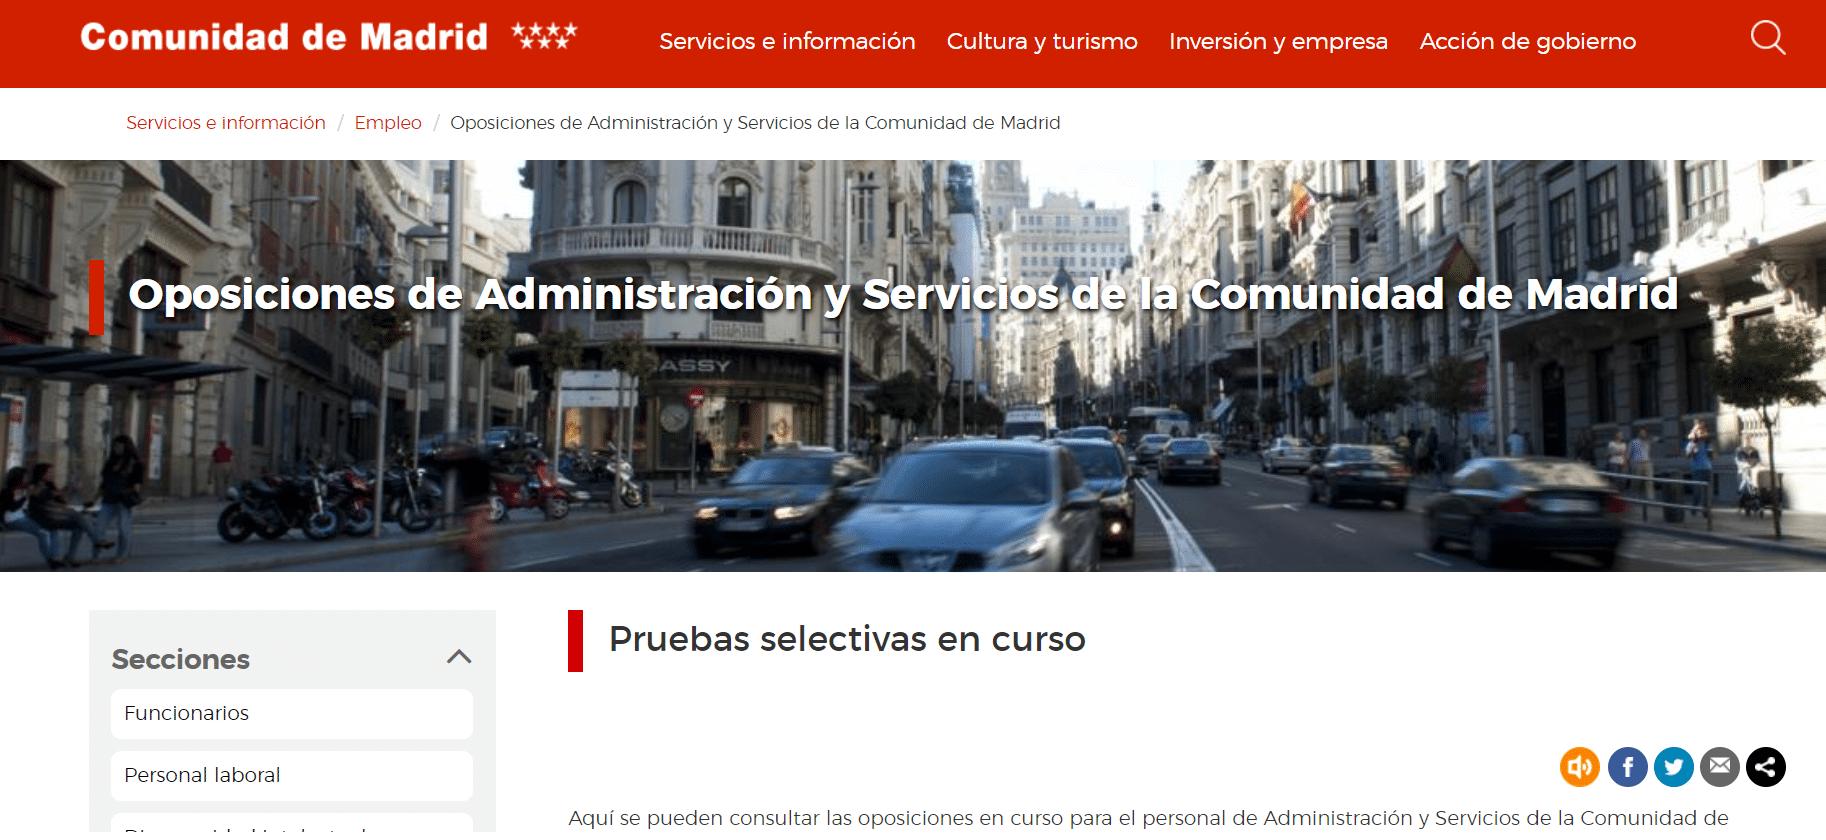 Portal de la Comunidad de Madrid